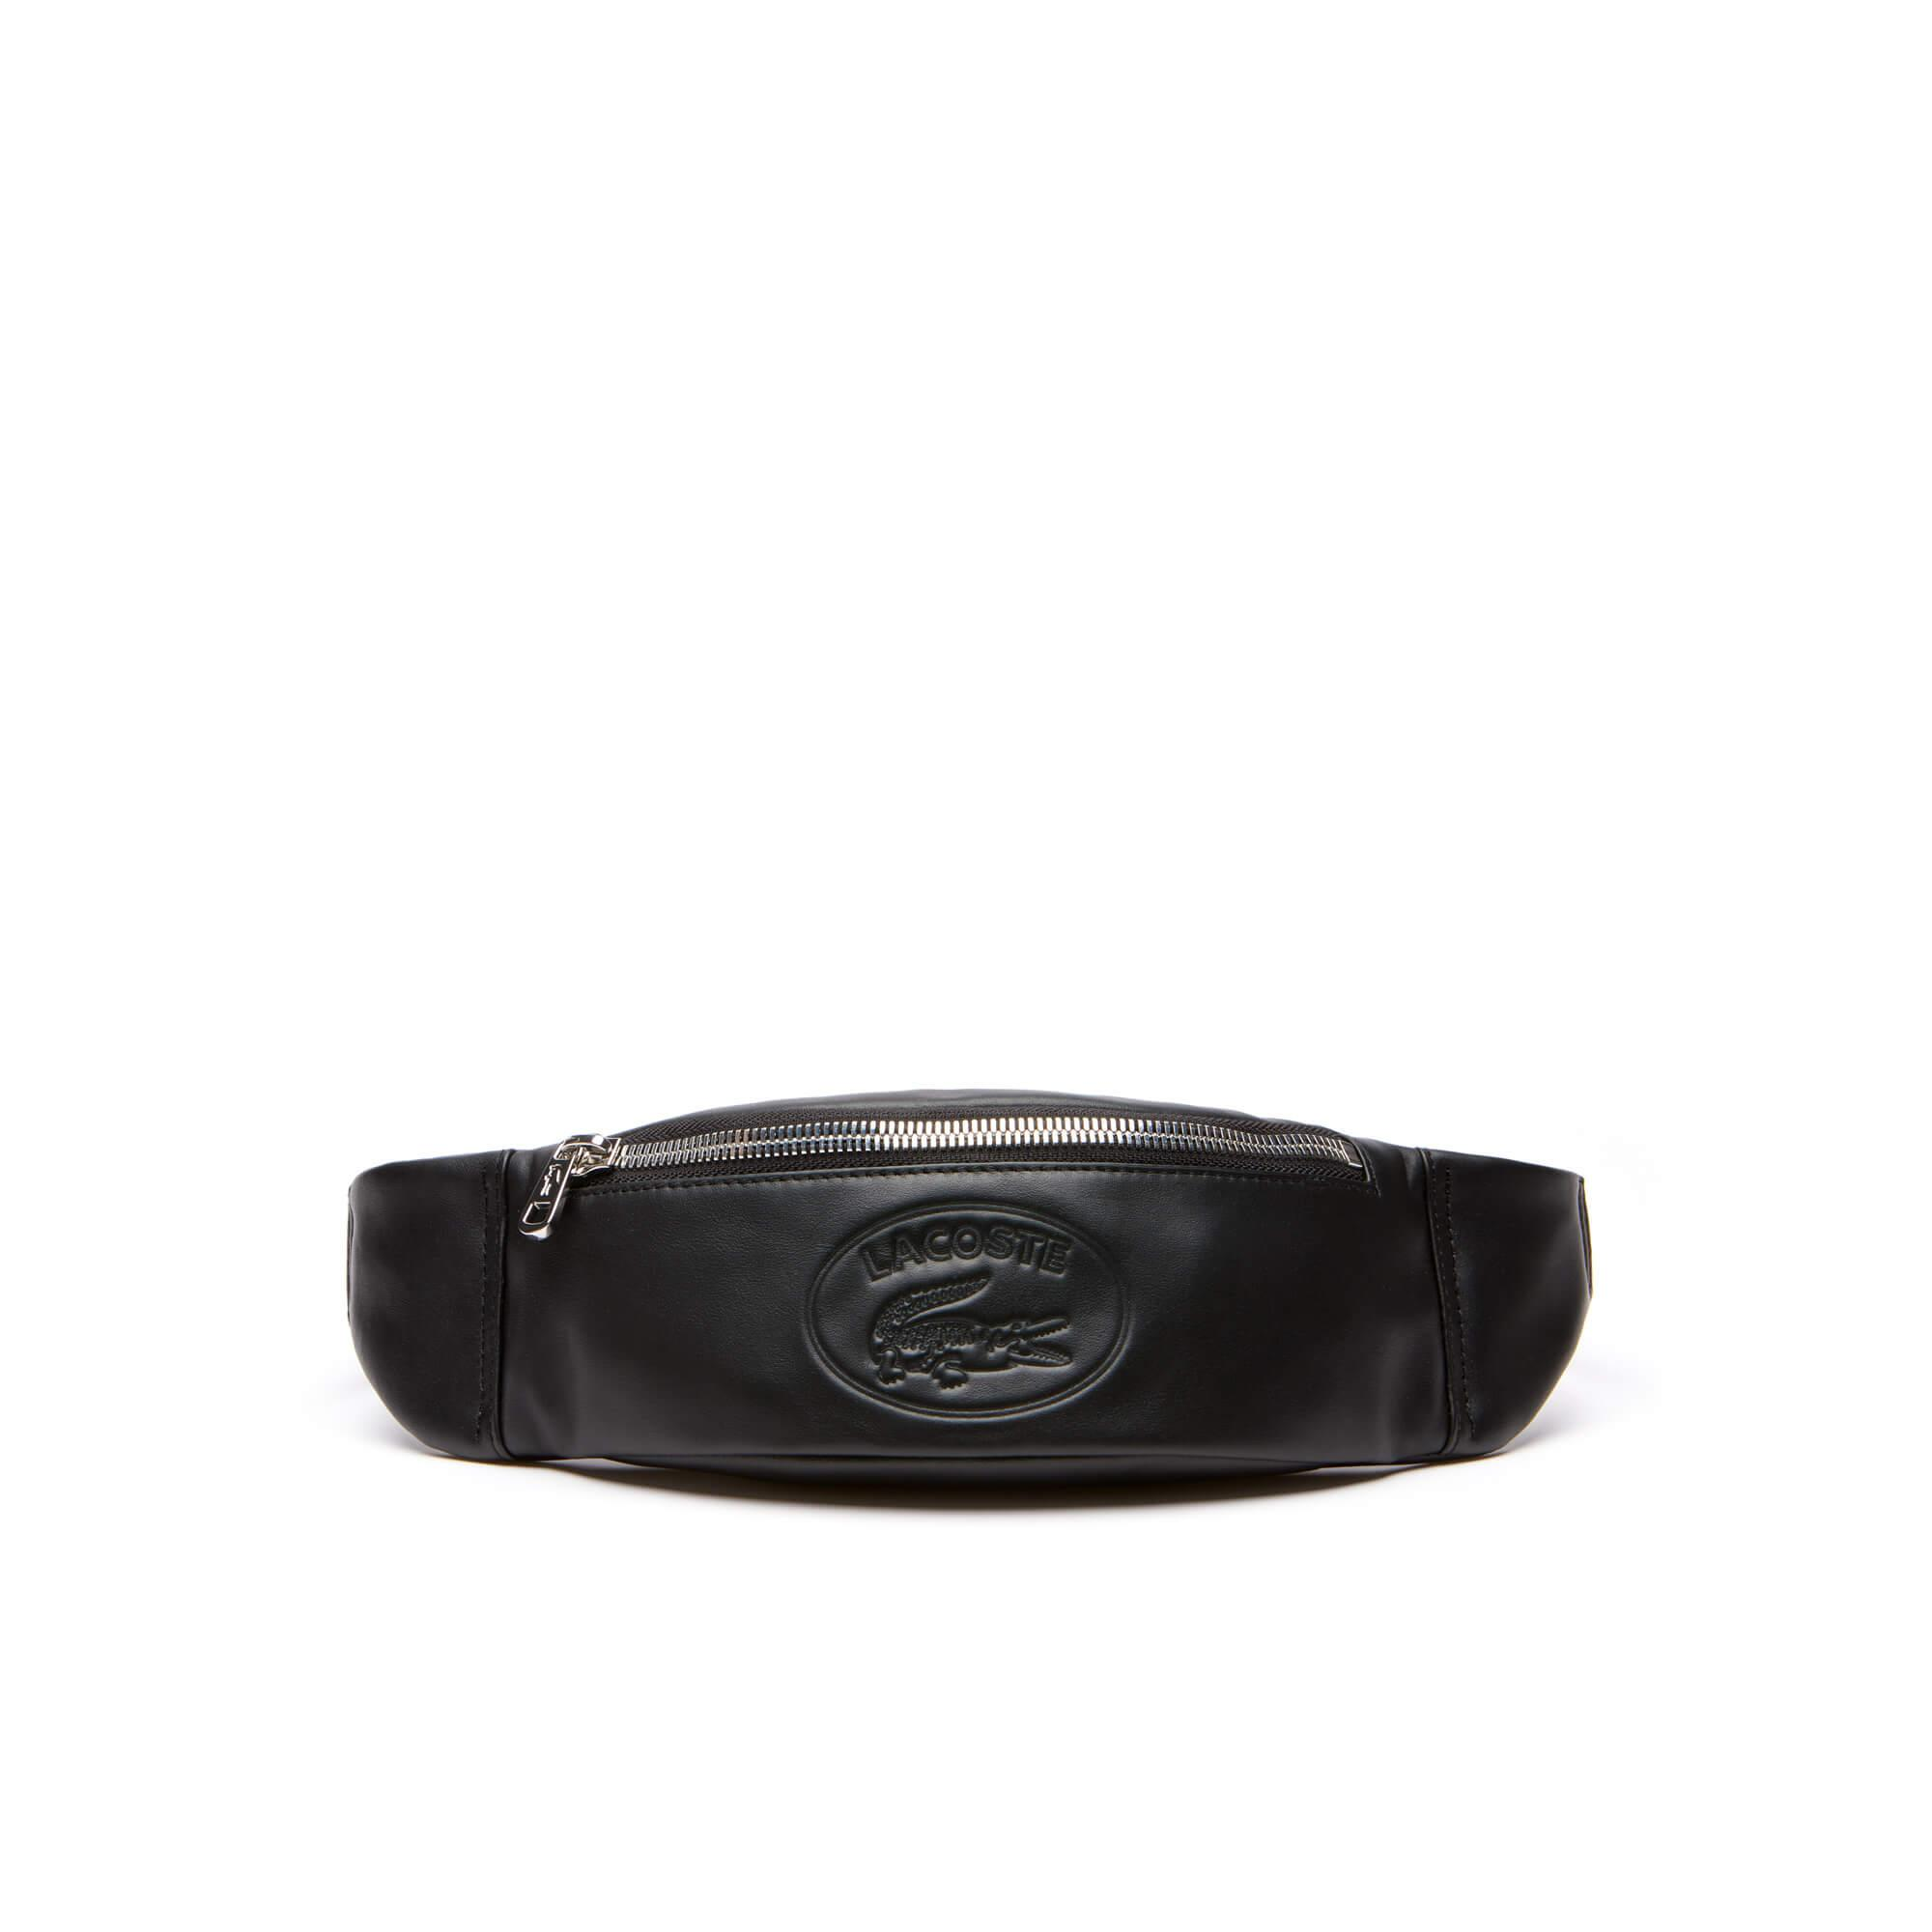 Lacoste Erkek L.12.12 Cuır Casual Siyah Bel Çantası